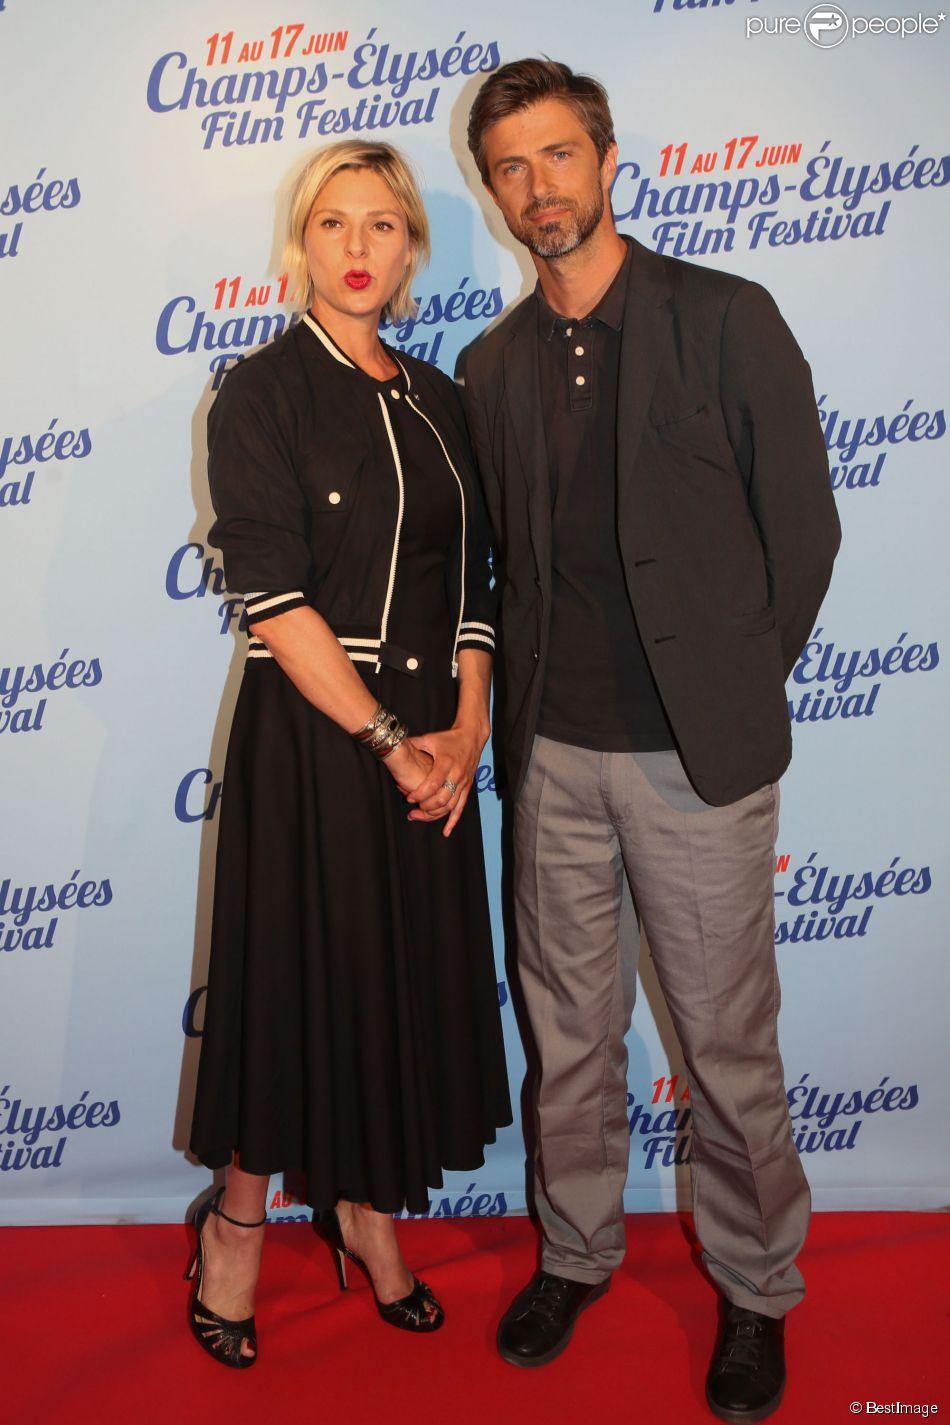 """Exclusif - Sophie Cattani et Kim Rossi Stuart lors de l'avant-première du film """"L'ex de ma vie"""" lors du 3e Champs-Elysées Film Festival à l'UGC George V à Paris, le 17 juin 2014."""